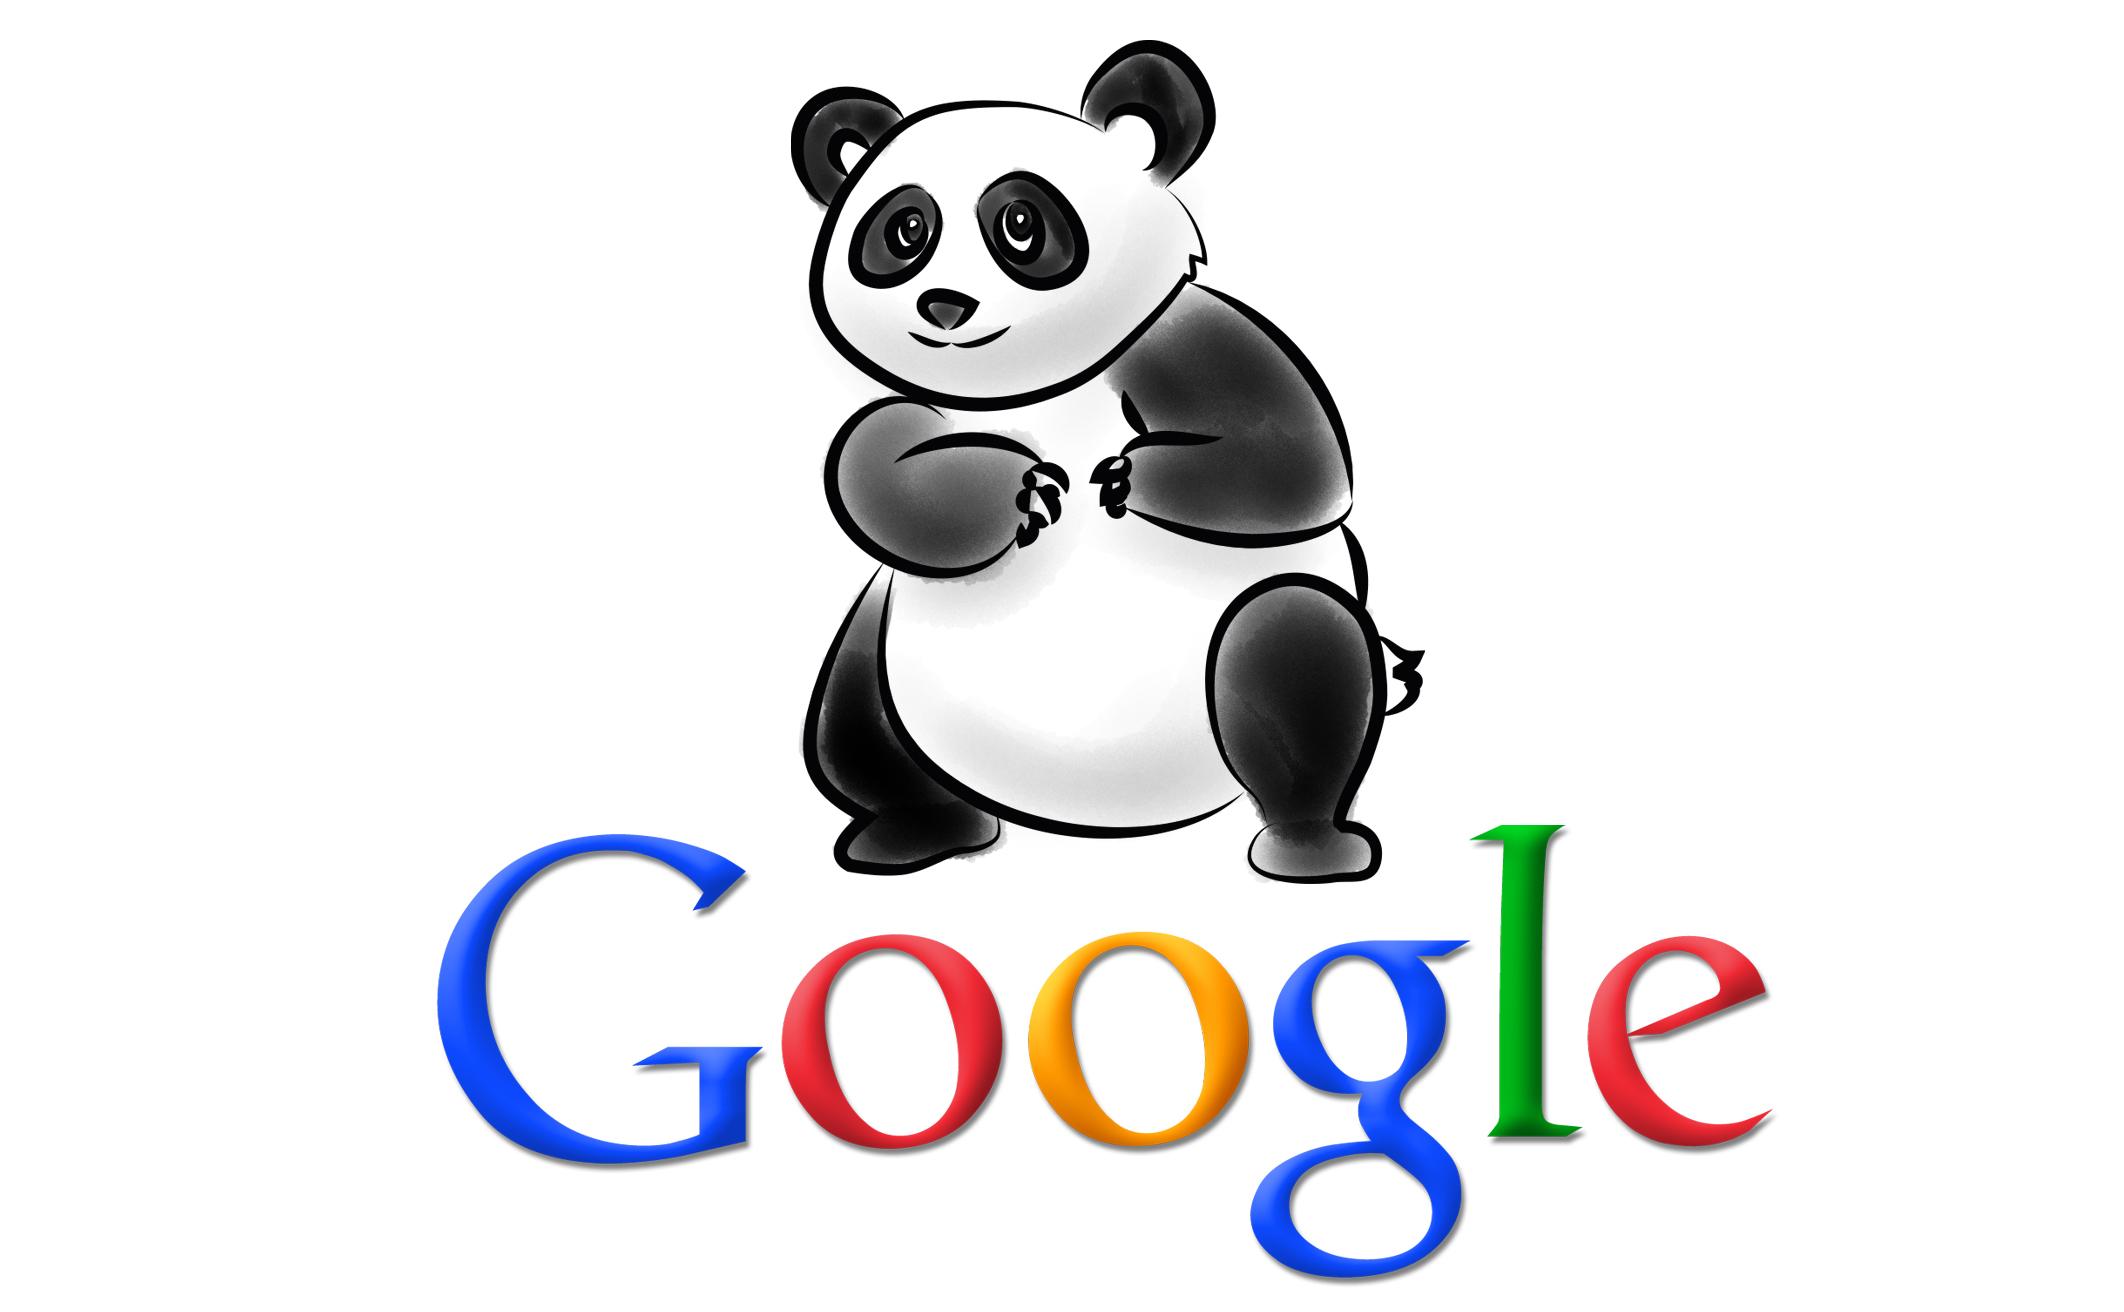 Google Panda 4.0, ¿qué hay que tener en cuenta?